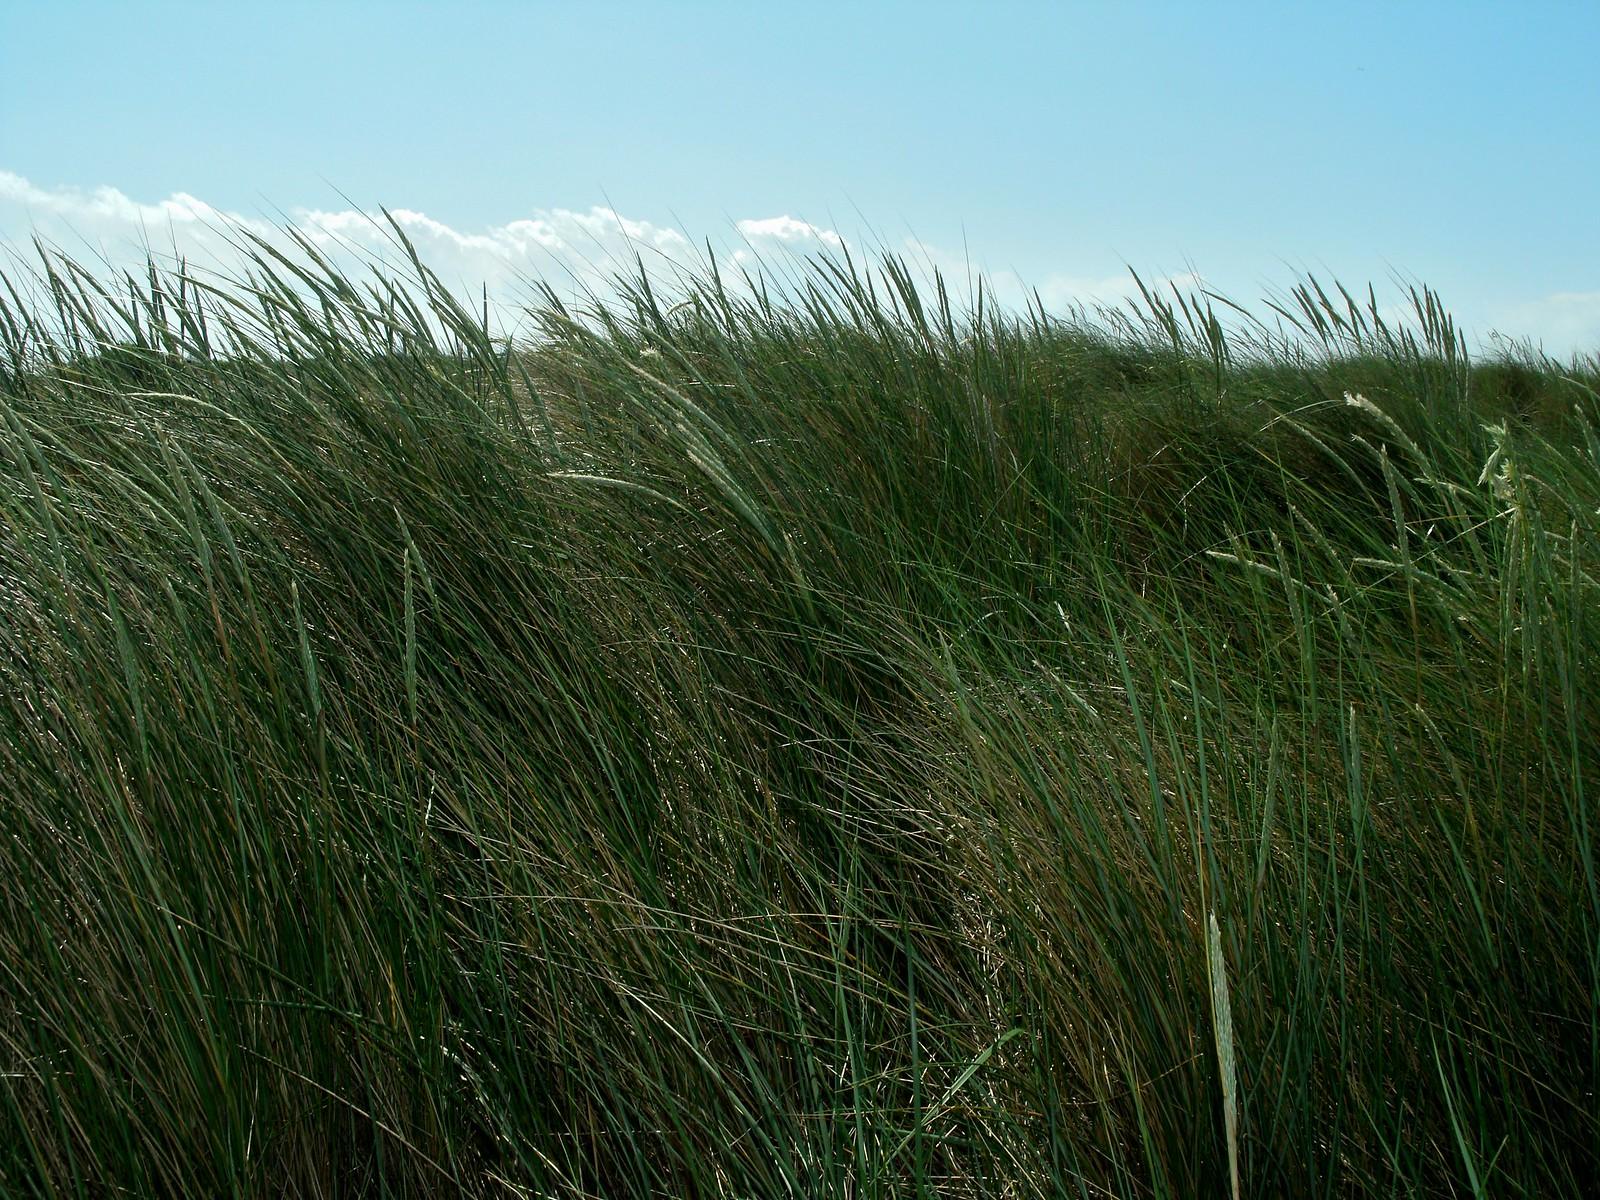 Long green grass in the dunes of Hoek van Holland.